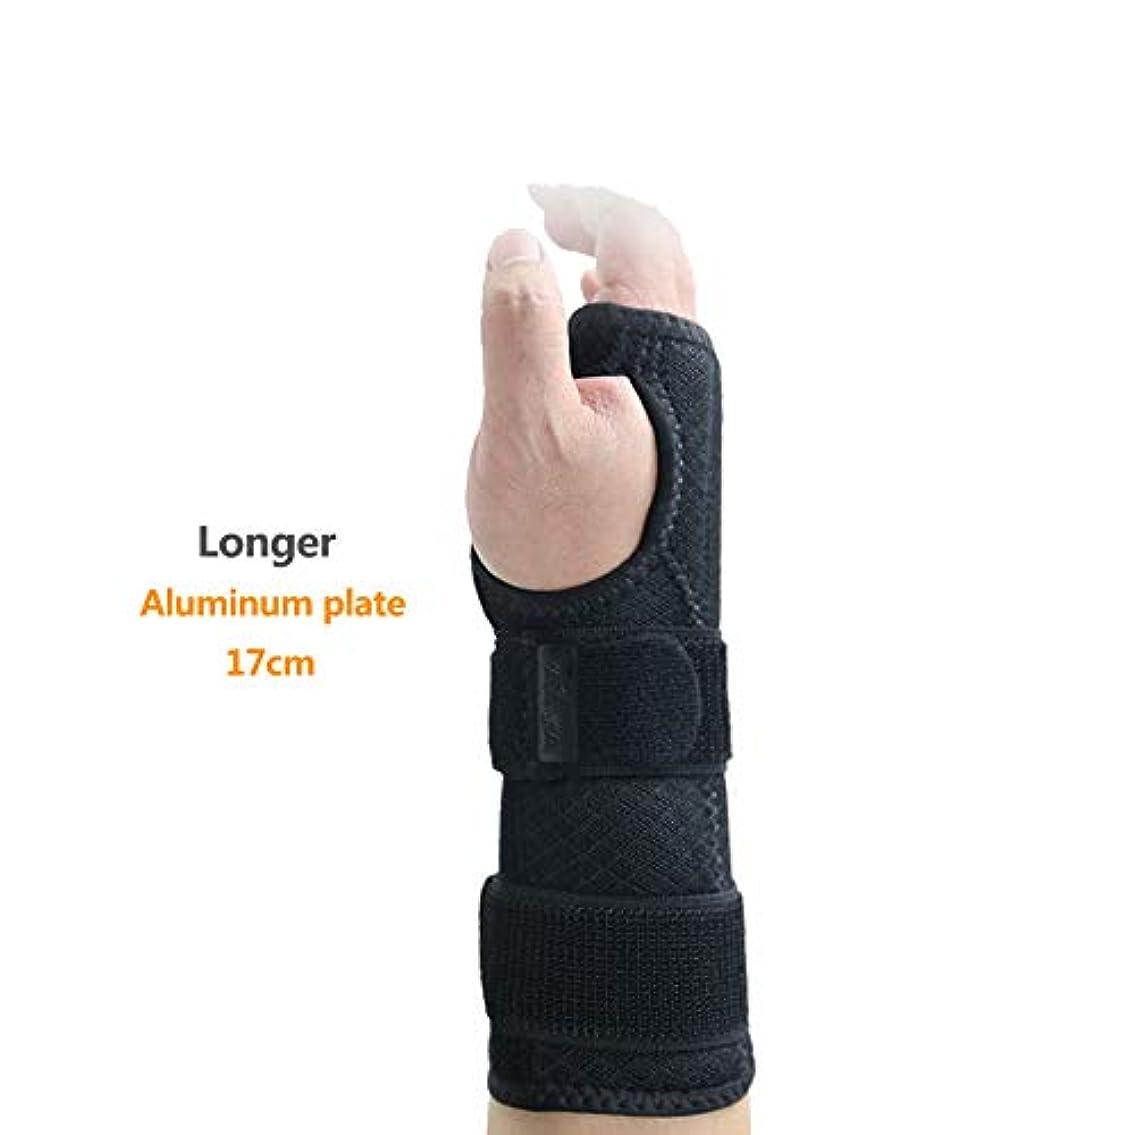 ゴシップ葉を拾う曲がったリムーバブルスプリント鋼板および調節可能なラップと手首ラップサポート、手根管腱鞘炎手首の痛みを軽減捻挫のためのサポート